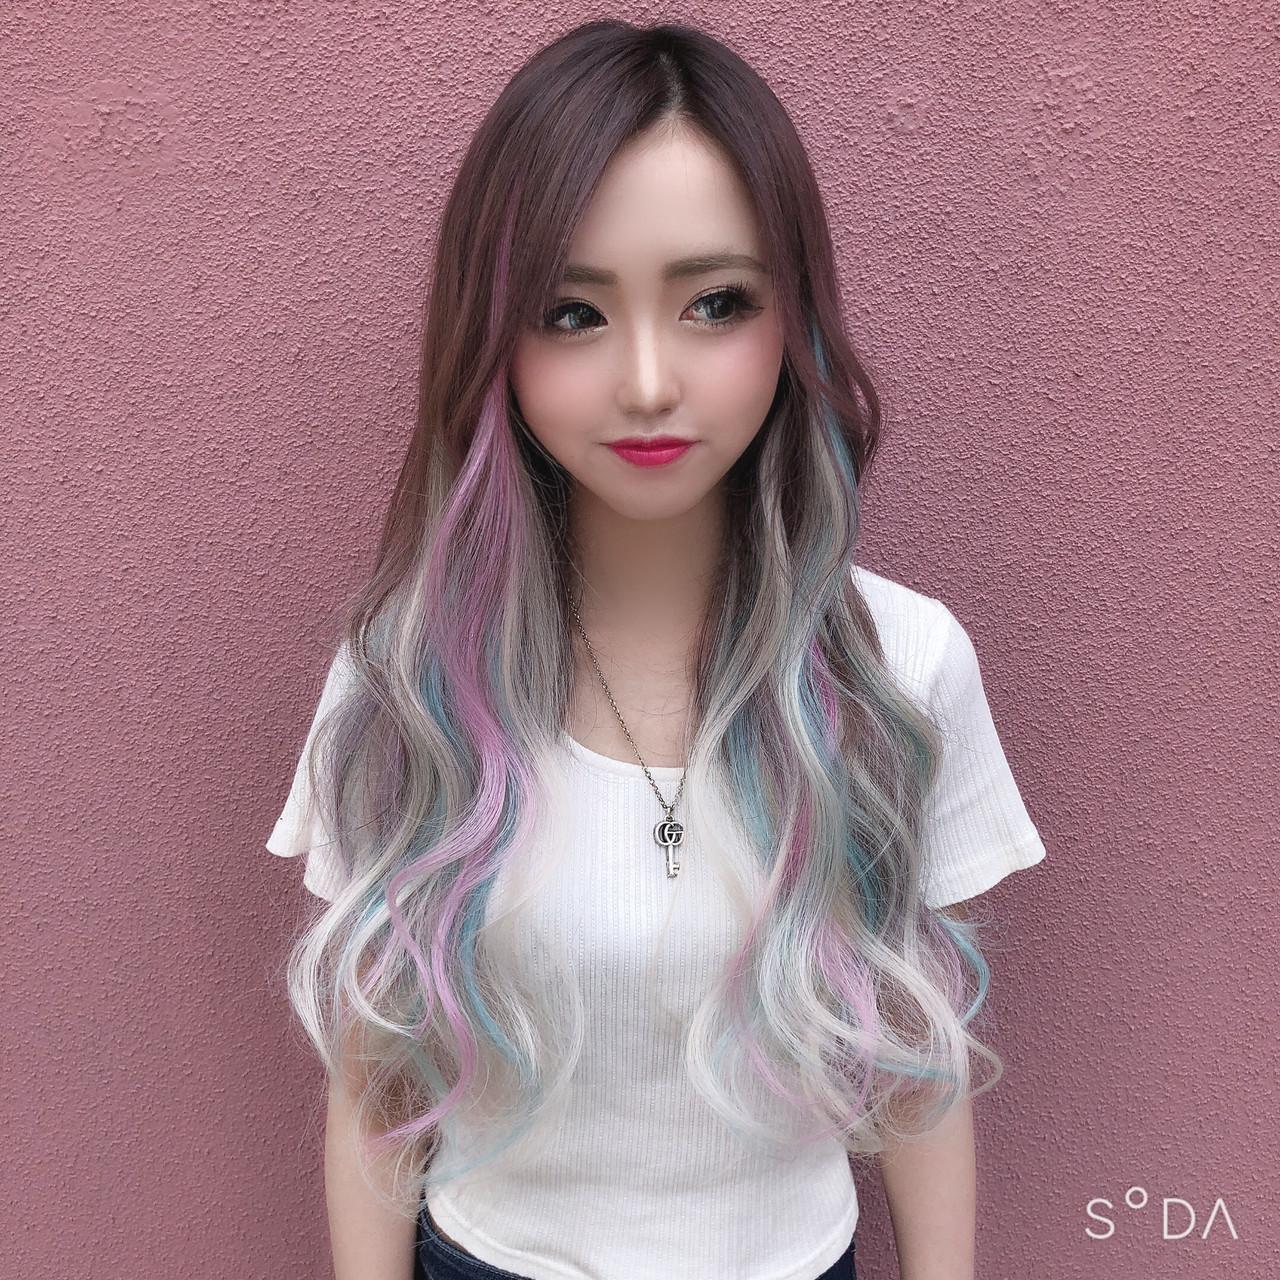 インナーカラー エクステ ストリート ユニコーンカラー ヘアスタイルや髪型の写真・画像